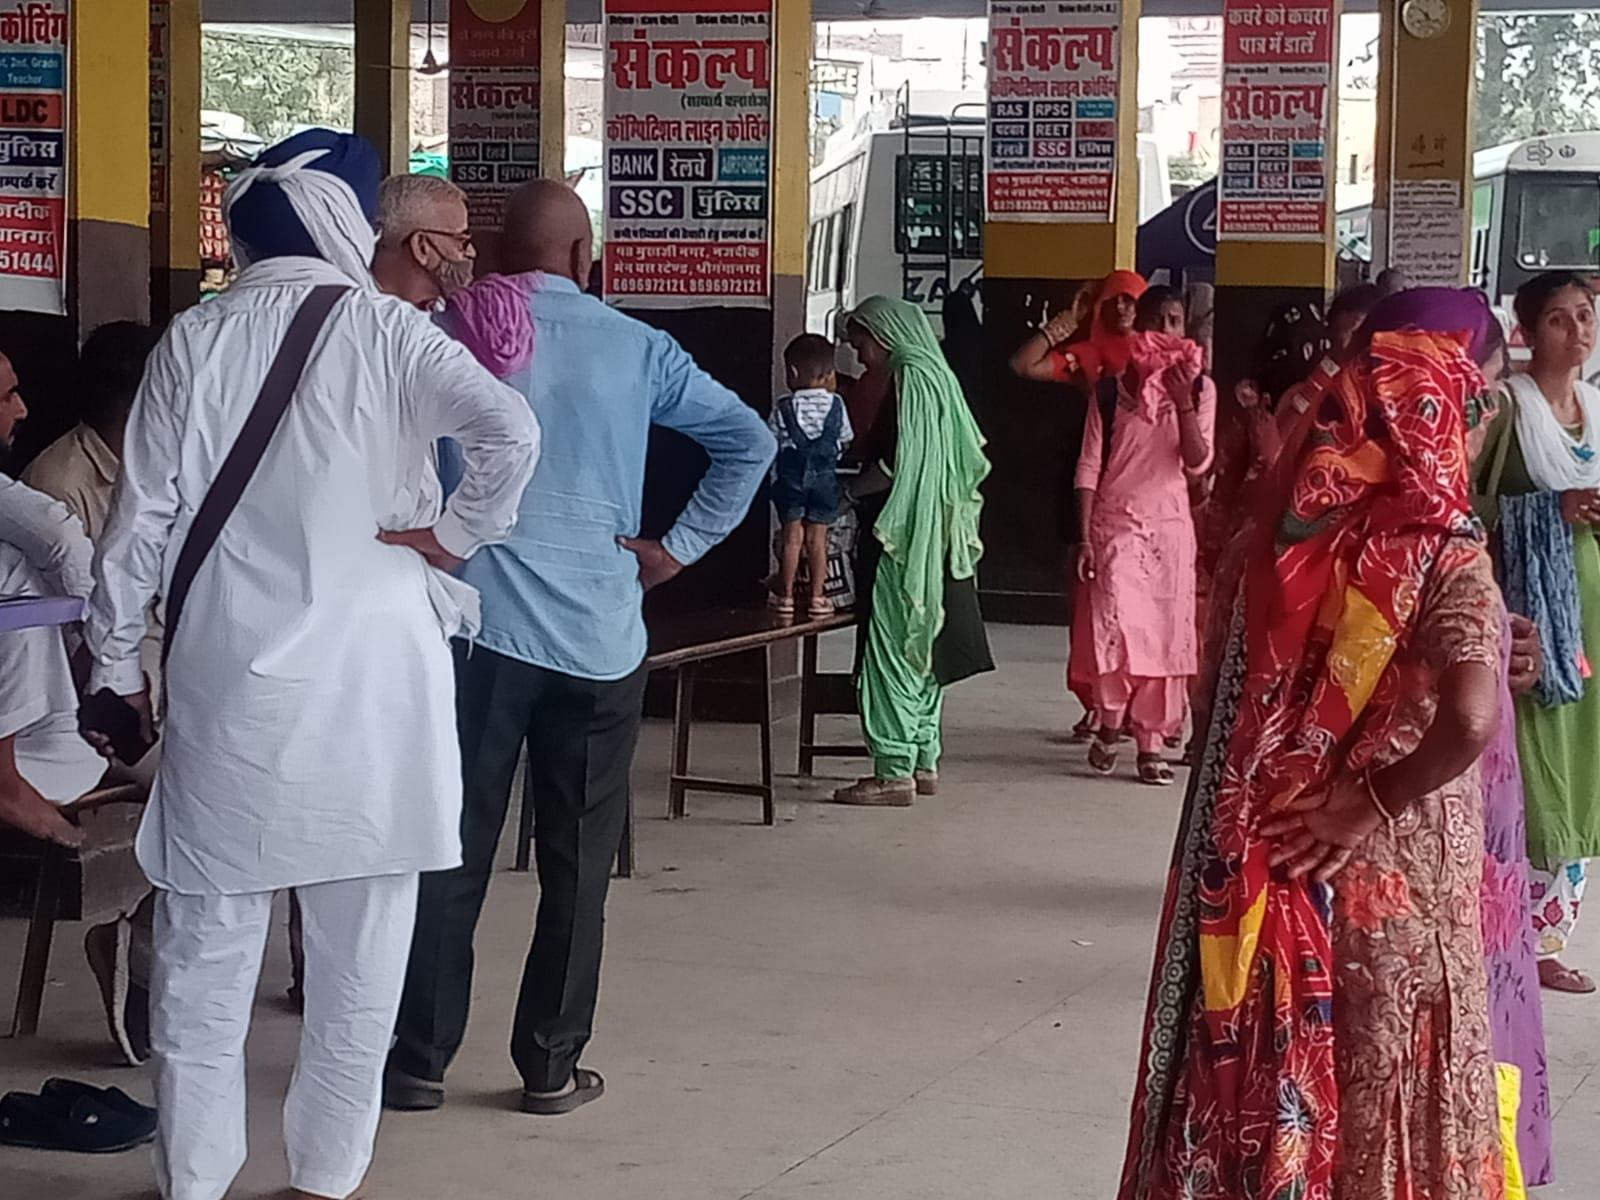 लोक परिवहन बसोंके पहिए थमे, रोडवेजपर बढ़ा भार, बस स्टैंड पर लगी यात्रियों की भीड़|श्रीगंगानगर,Sriganganagar - Dainik Bhaskar